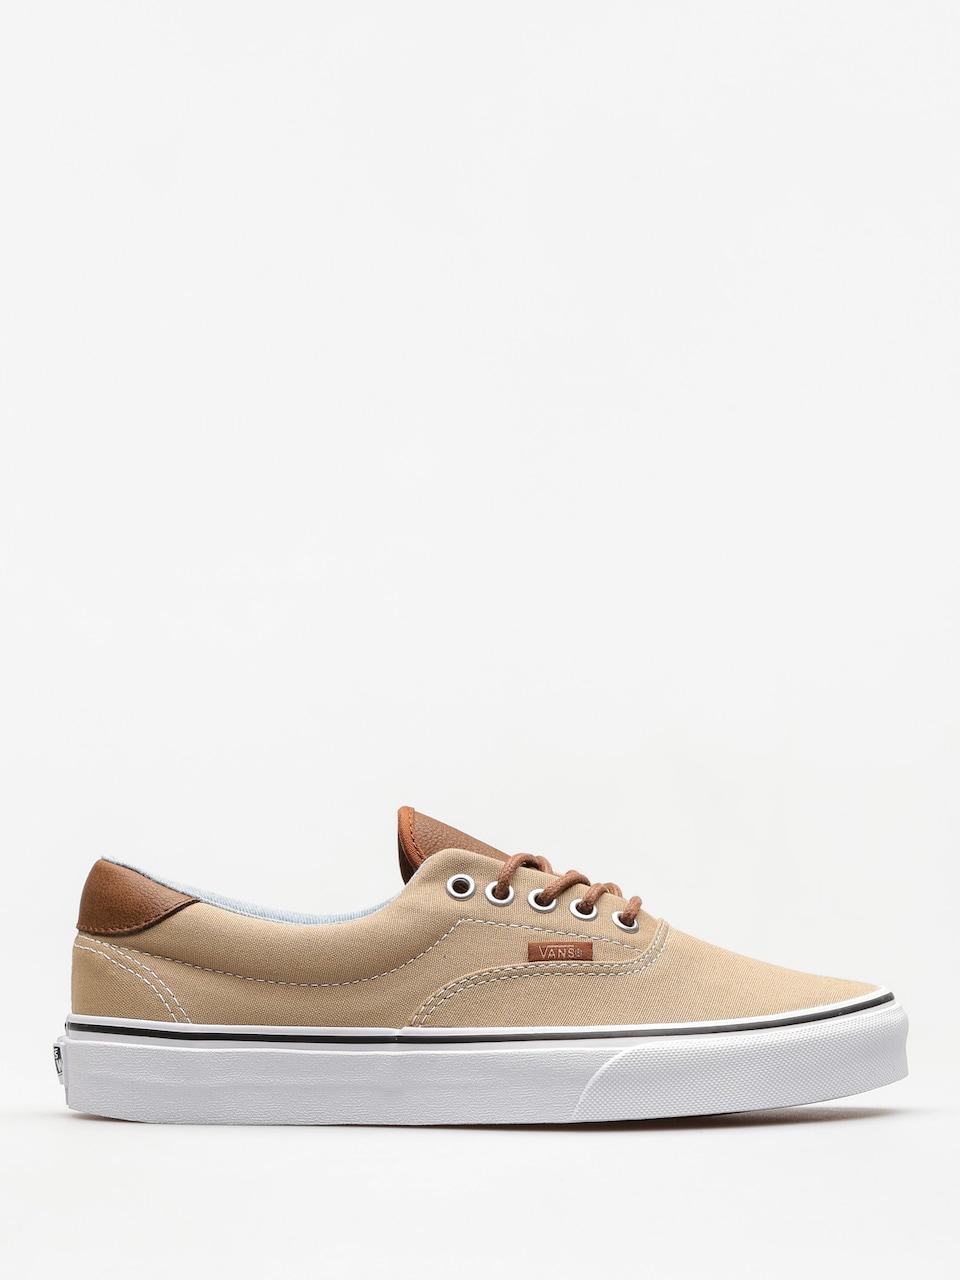 Vans Shoes Era 59 (c\u0026l/cornstalk/acid